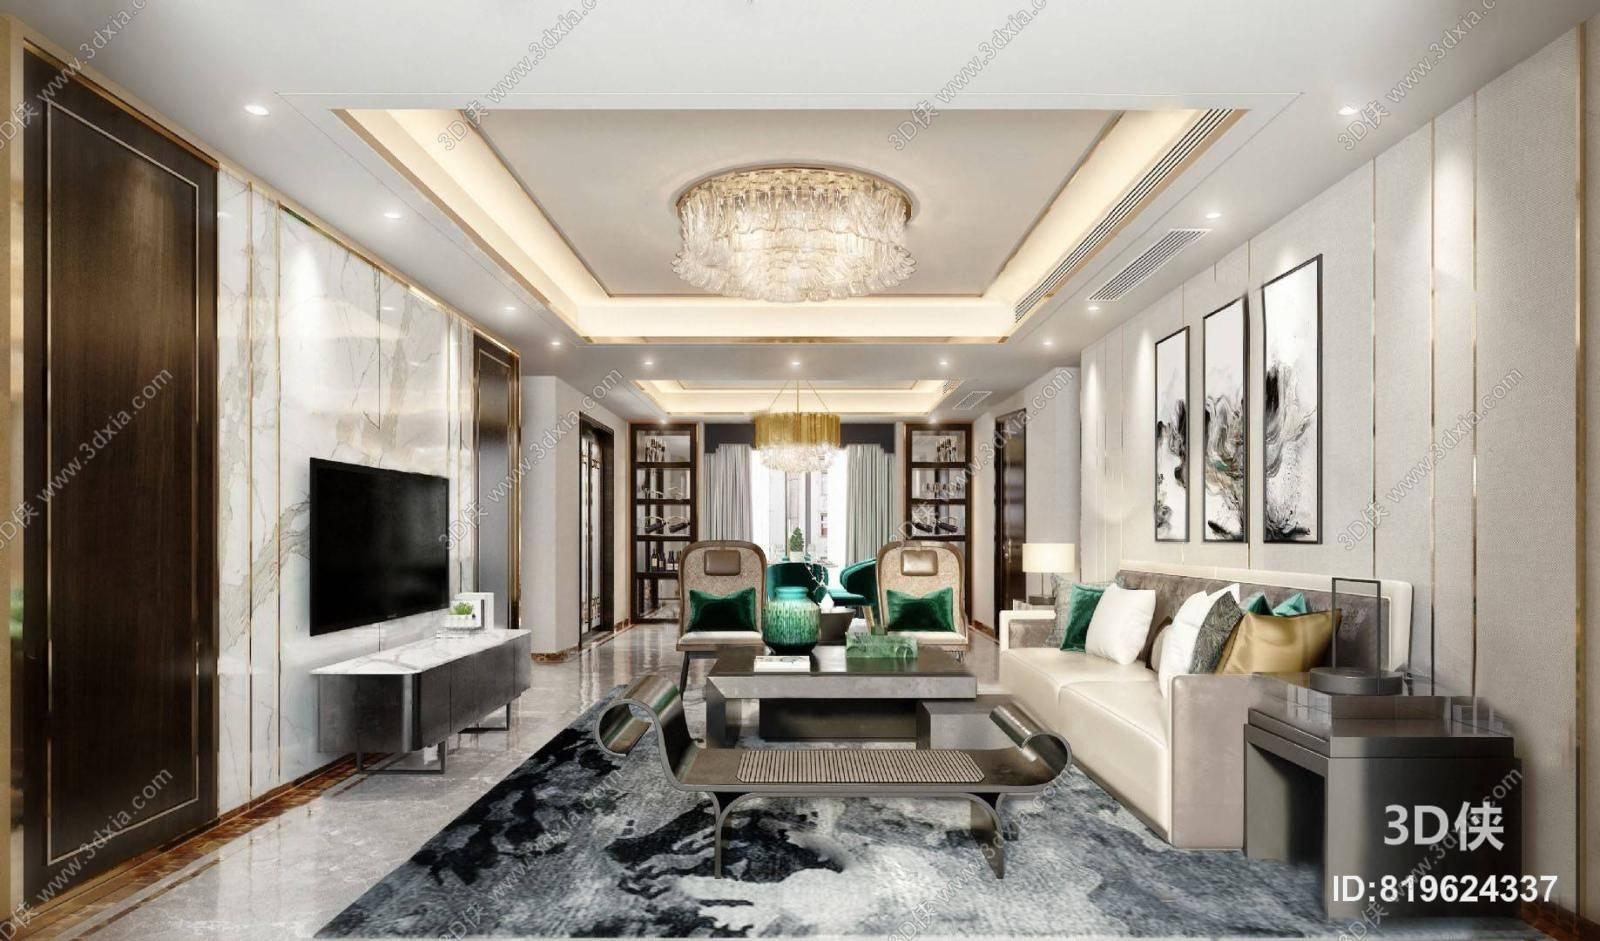 中式客餐厅3D模型 沙发组合 茶几 电视柜 吊灯